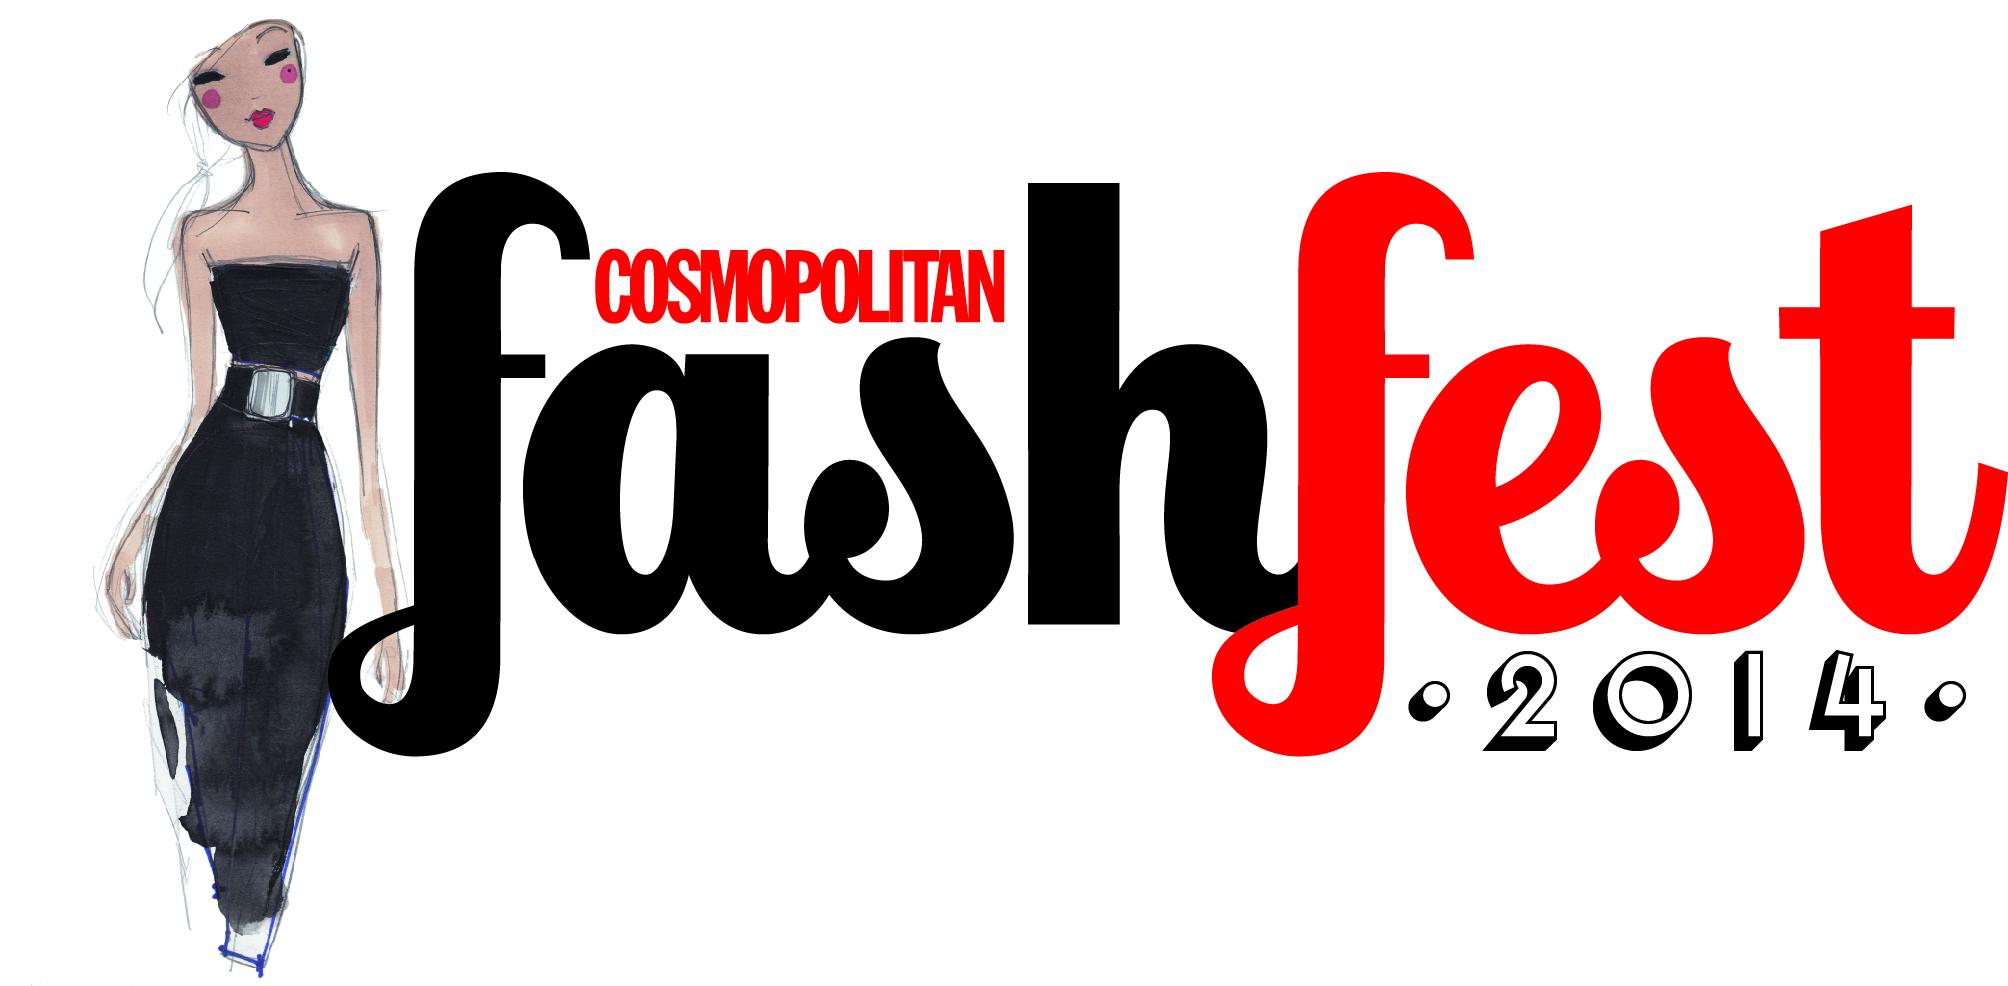 FashFest logo with illustration